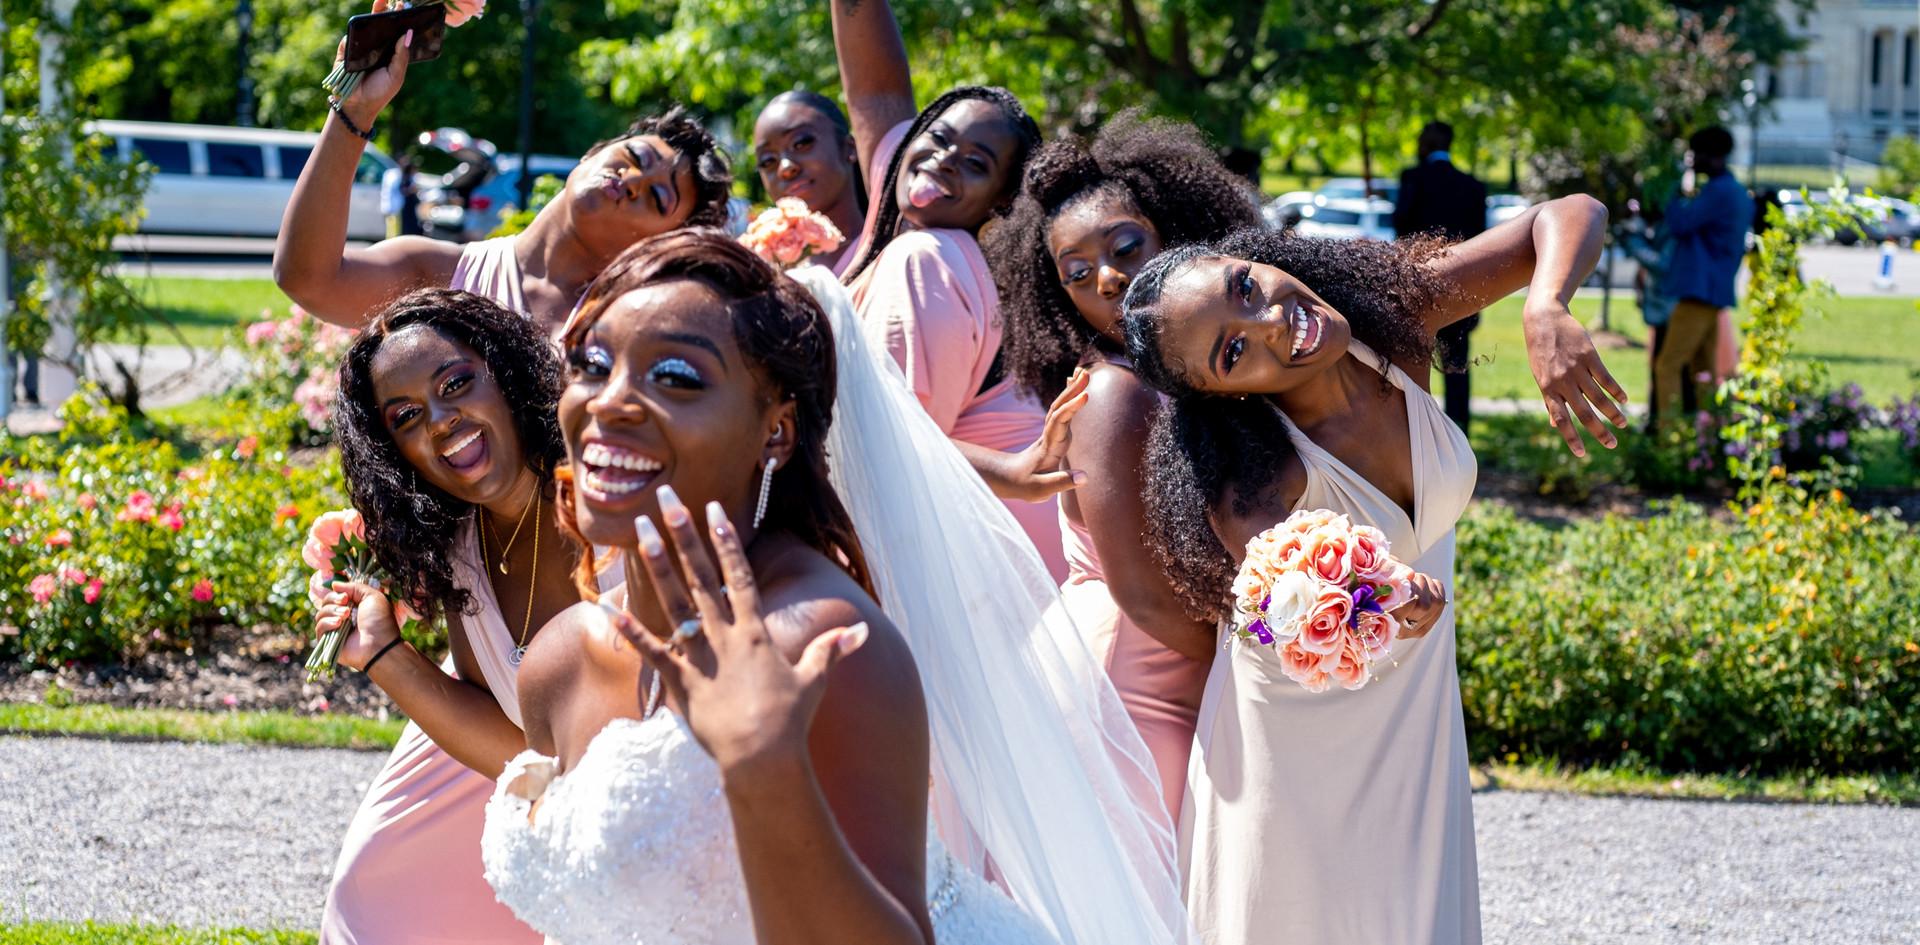 ju-bianca-wedding-235.jpg